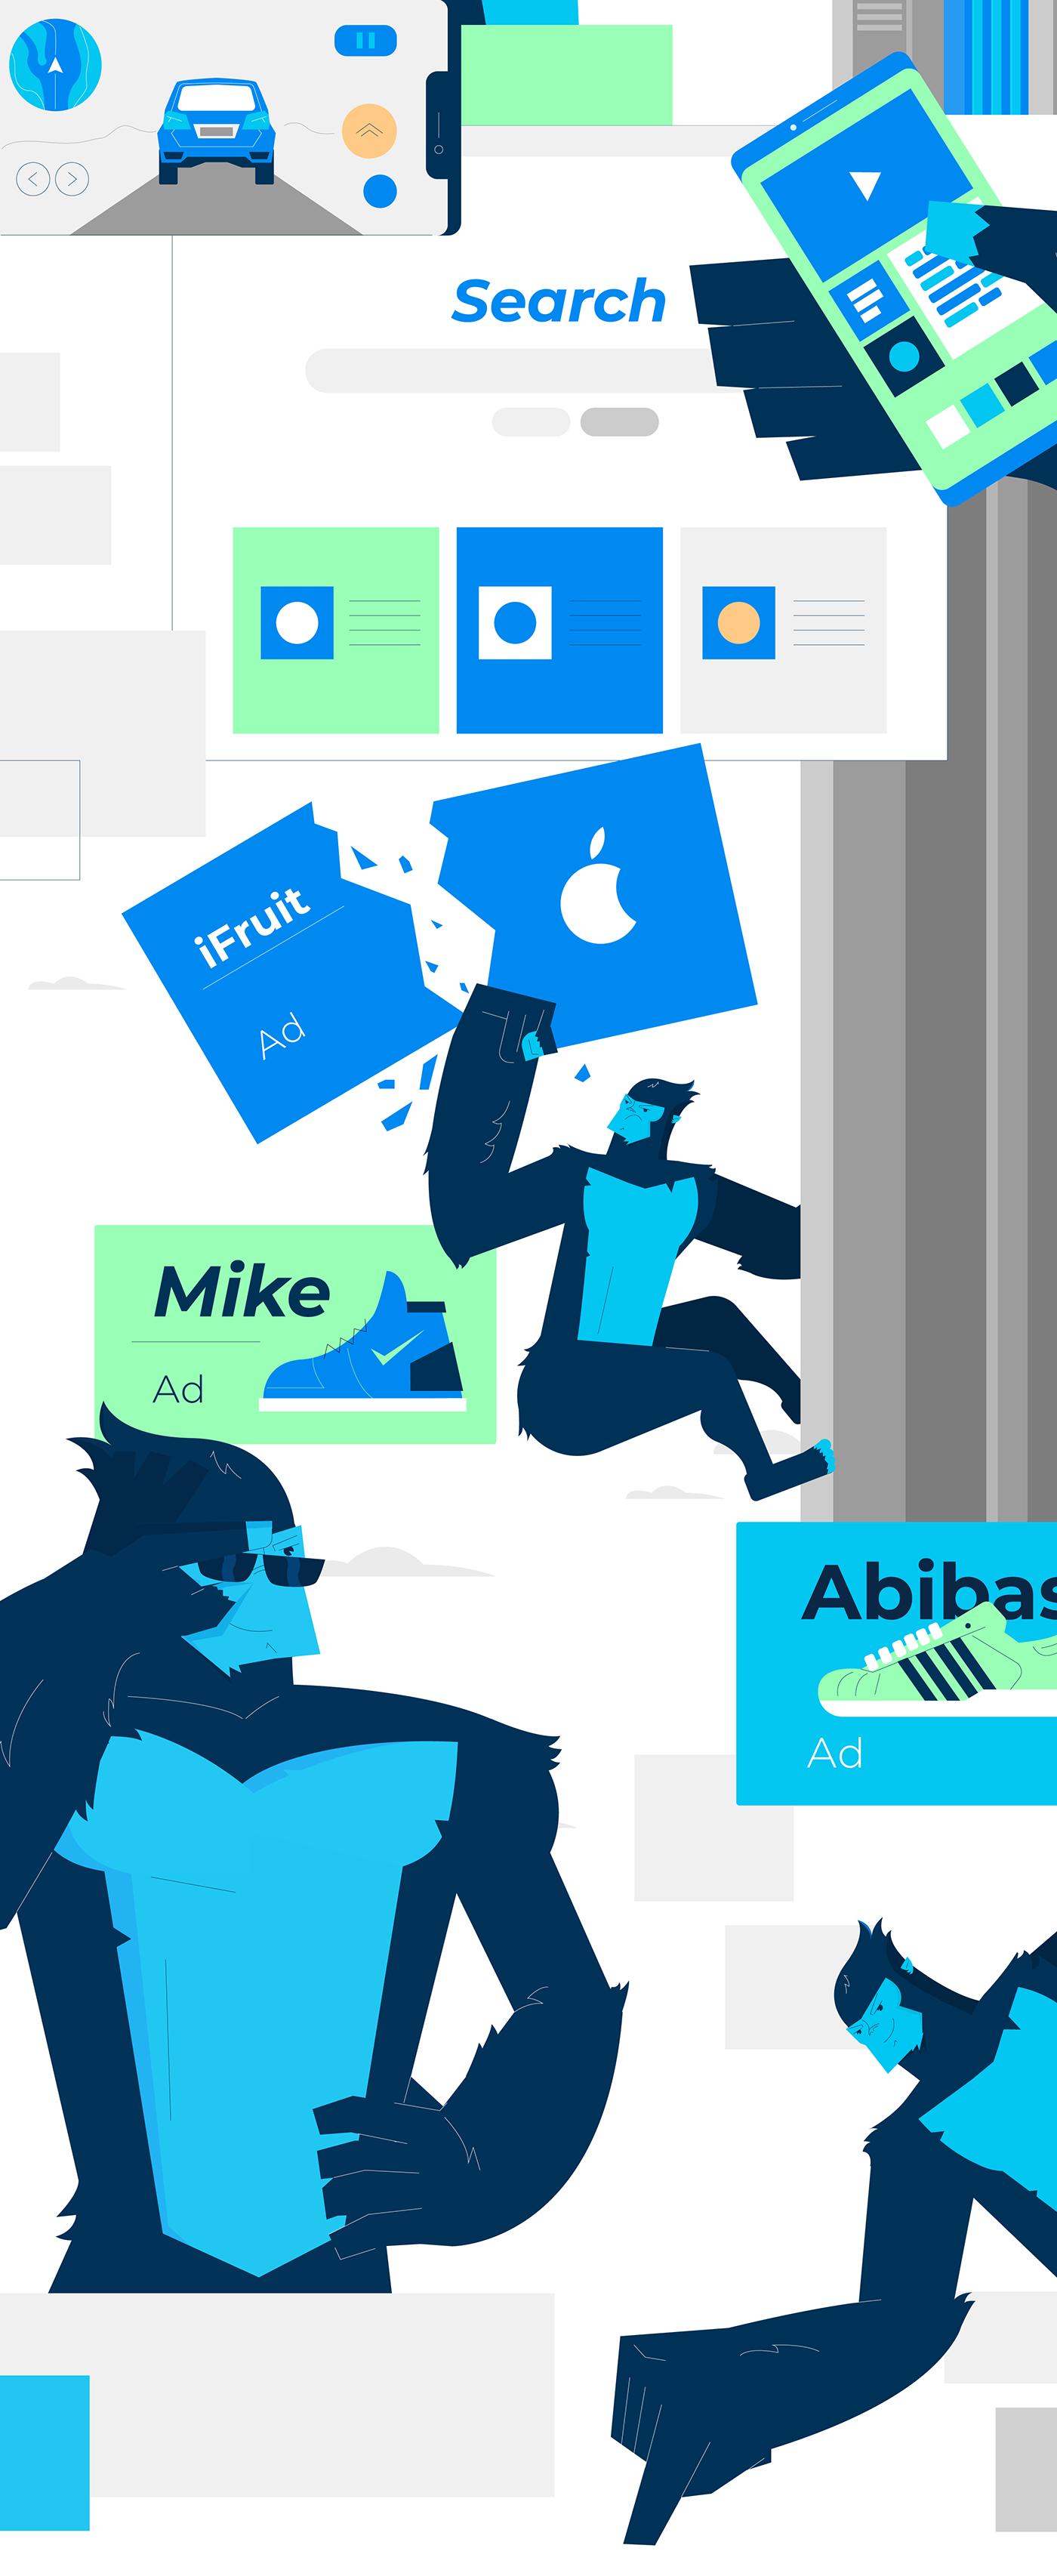 ad blocker video android ad blocker video animated ad animated promo animated promo video explainer video Product Promo Video security product video saas explainer saas explainer video